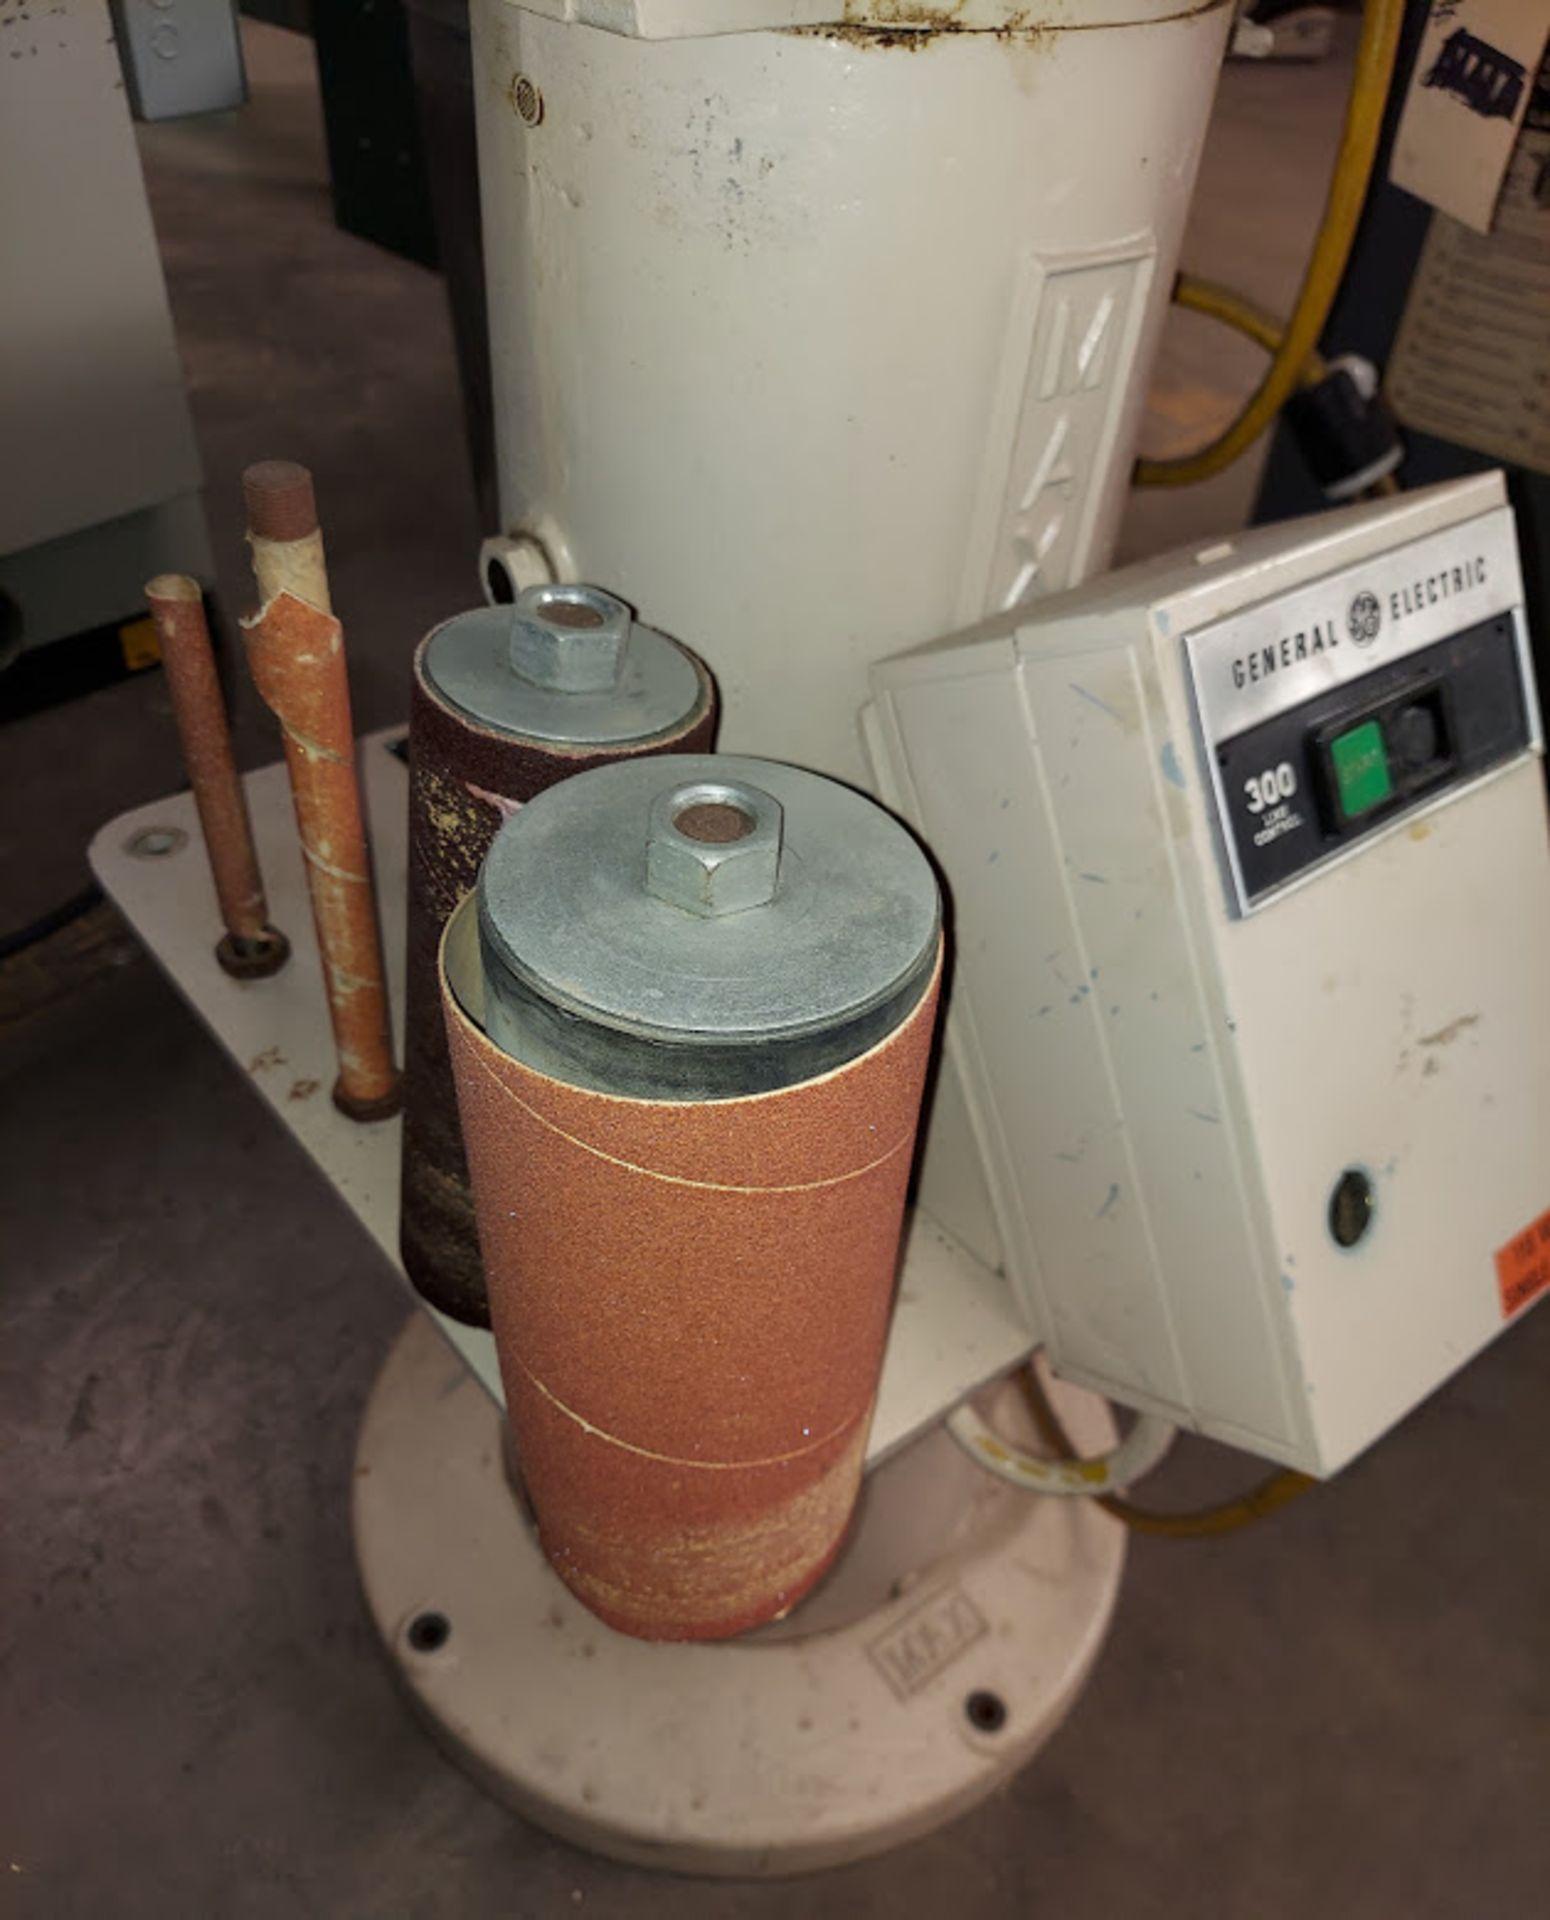 Max Industrial Oscillating Vertical Spindle Sander, Model #VSI-15, 5 - Spindles & Plates, 115 Volts - Image 4 of 5